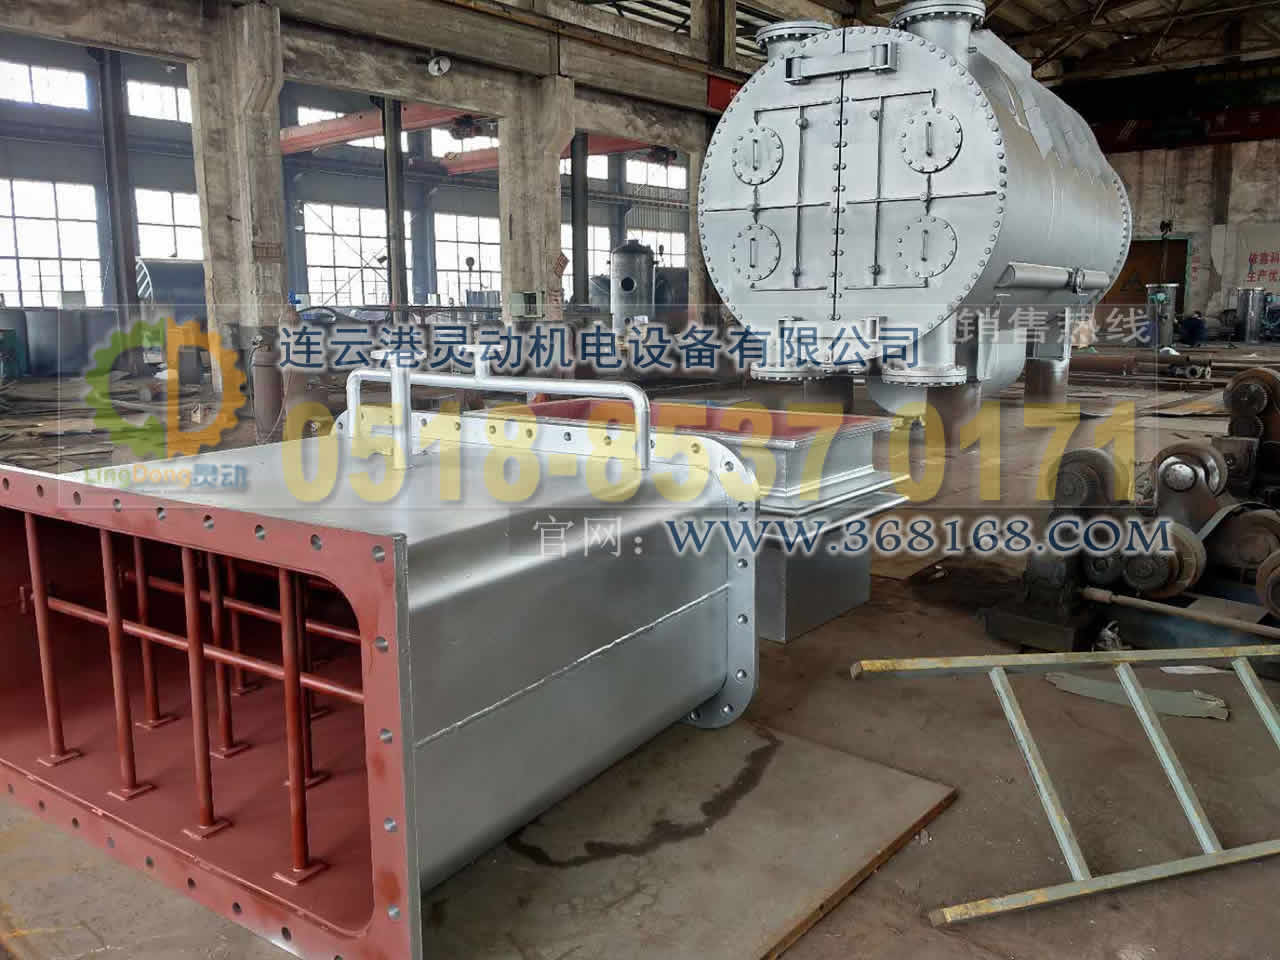 凝汽器制造厂表面式凝汽器厂家汽轮机凝汽器生产厂家